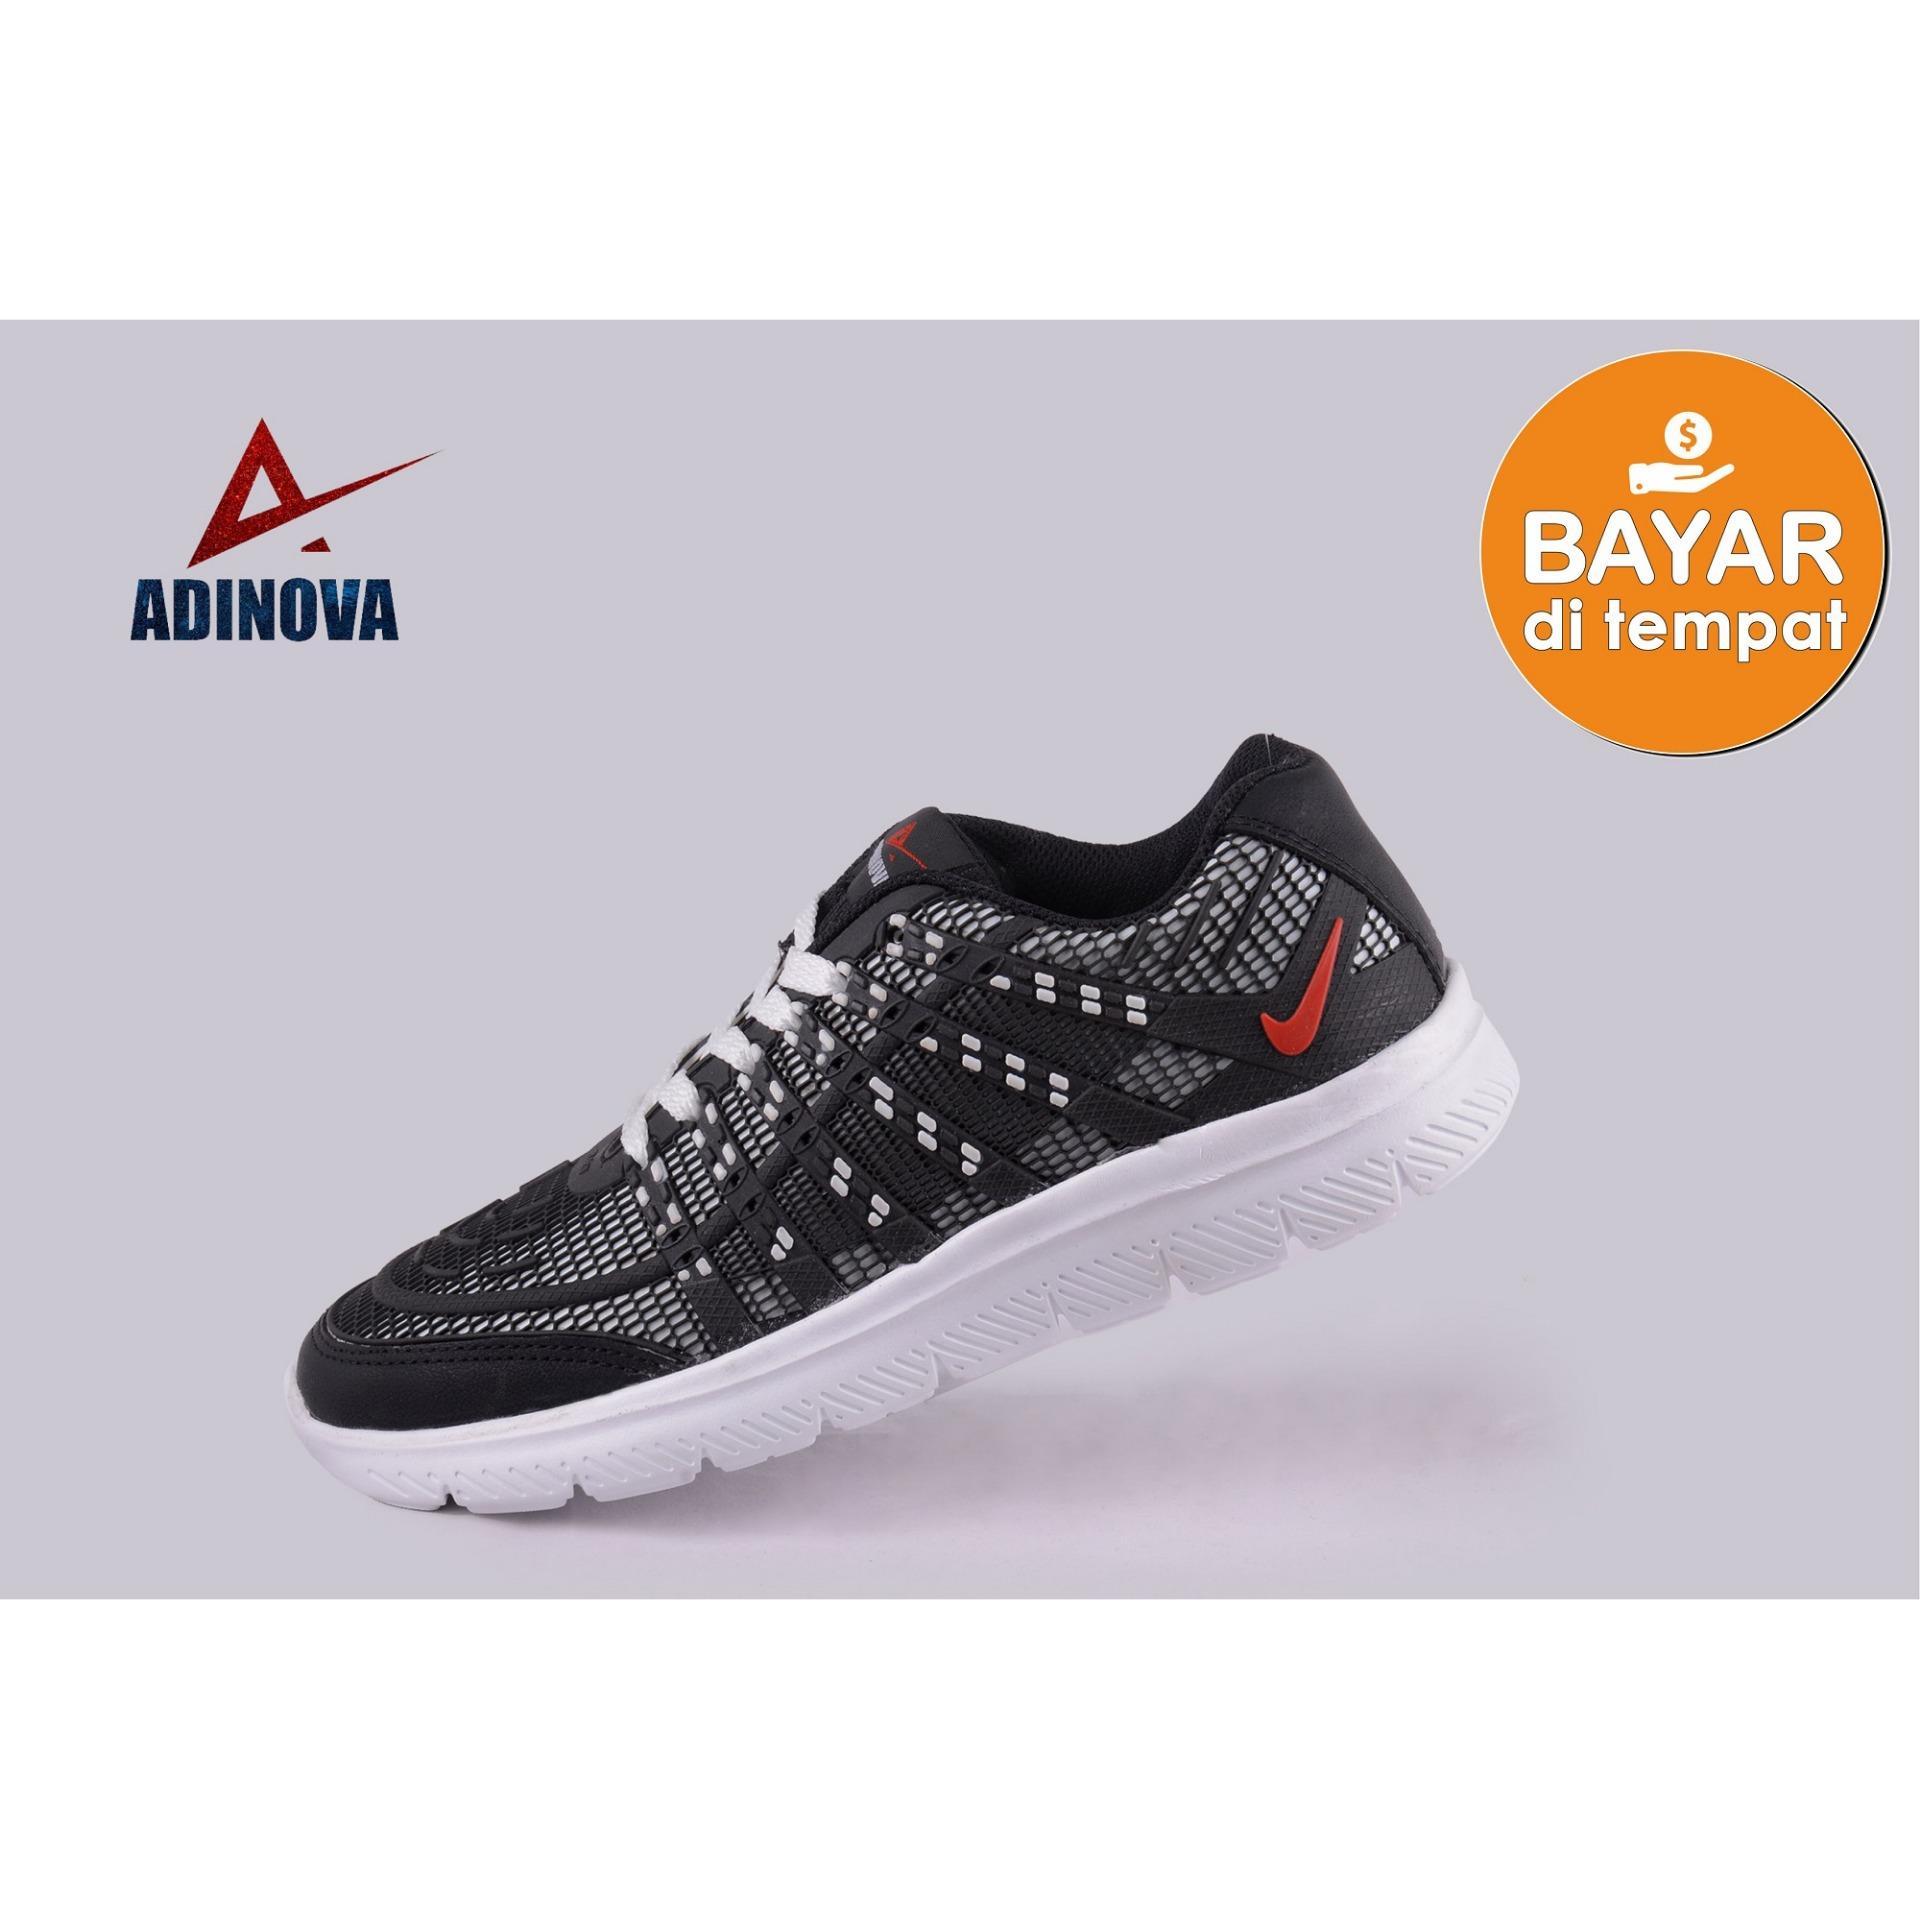 Adinova Shoes Sepatu Sportsepatu Olahraga 3d Keren - Smart4K Design ... 268be8c357